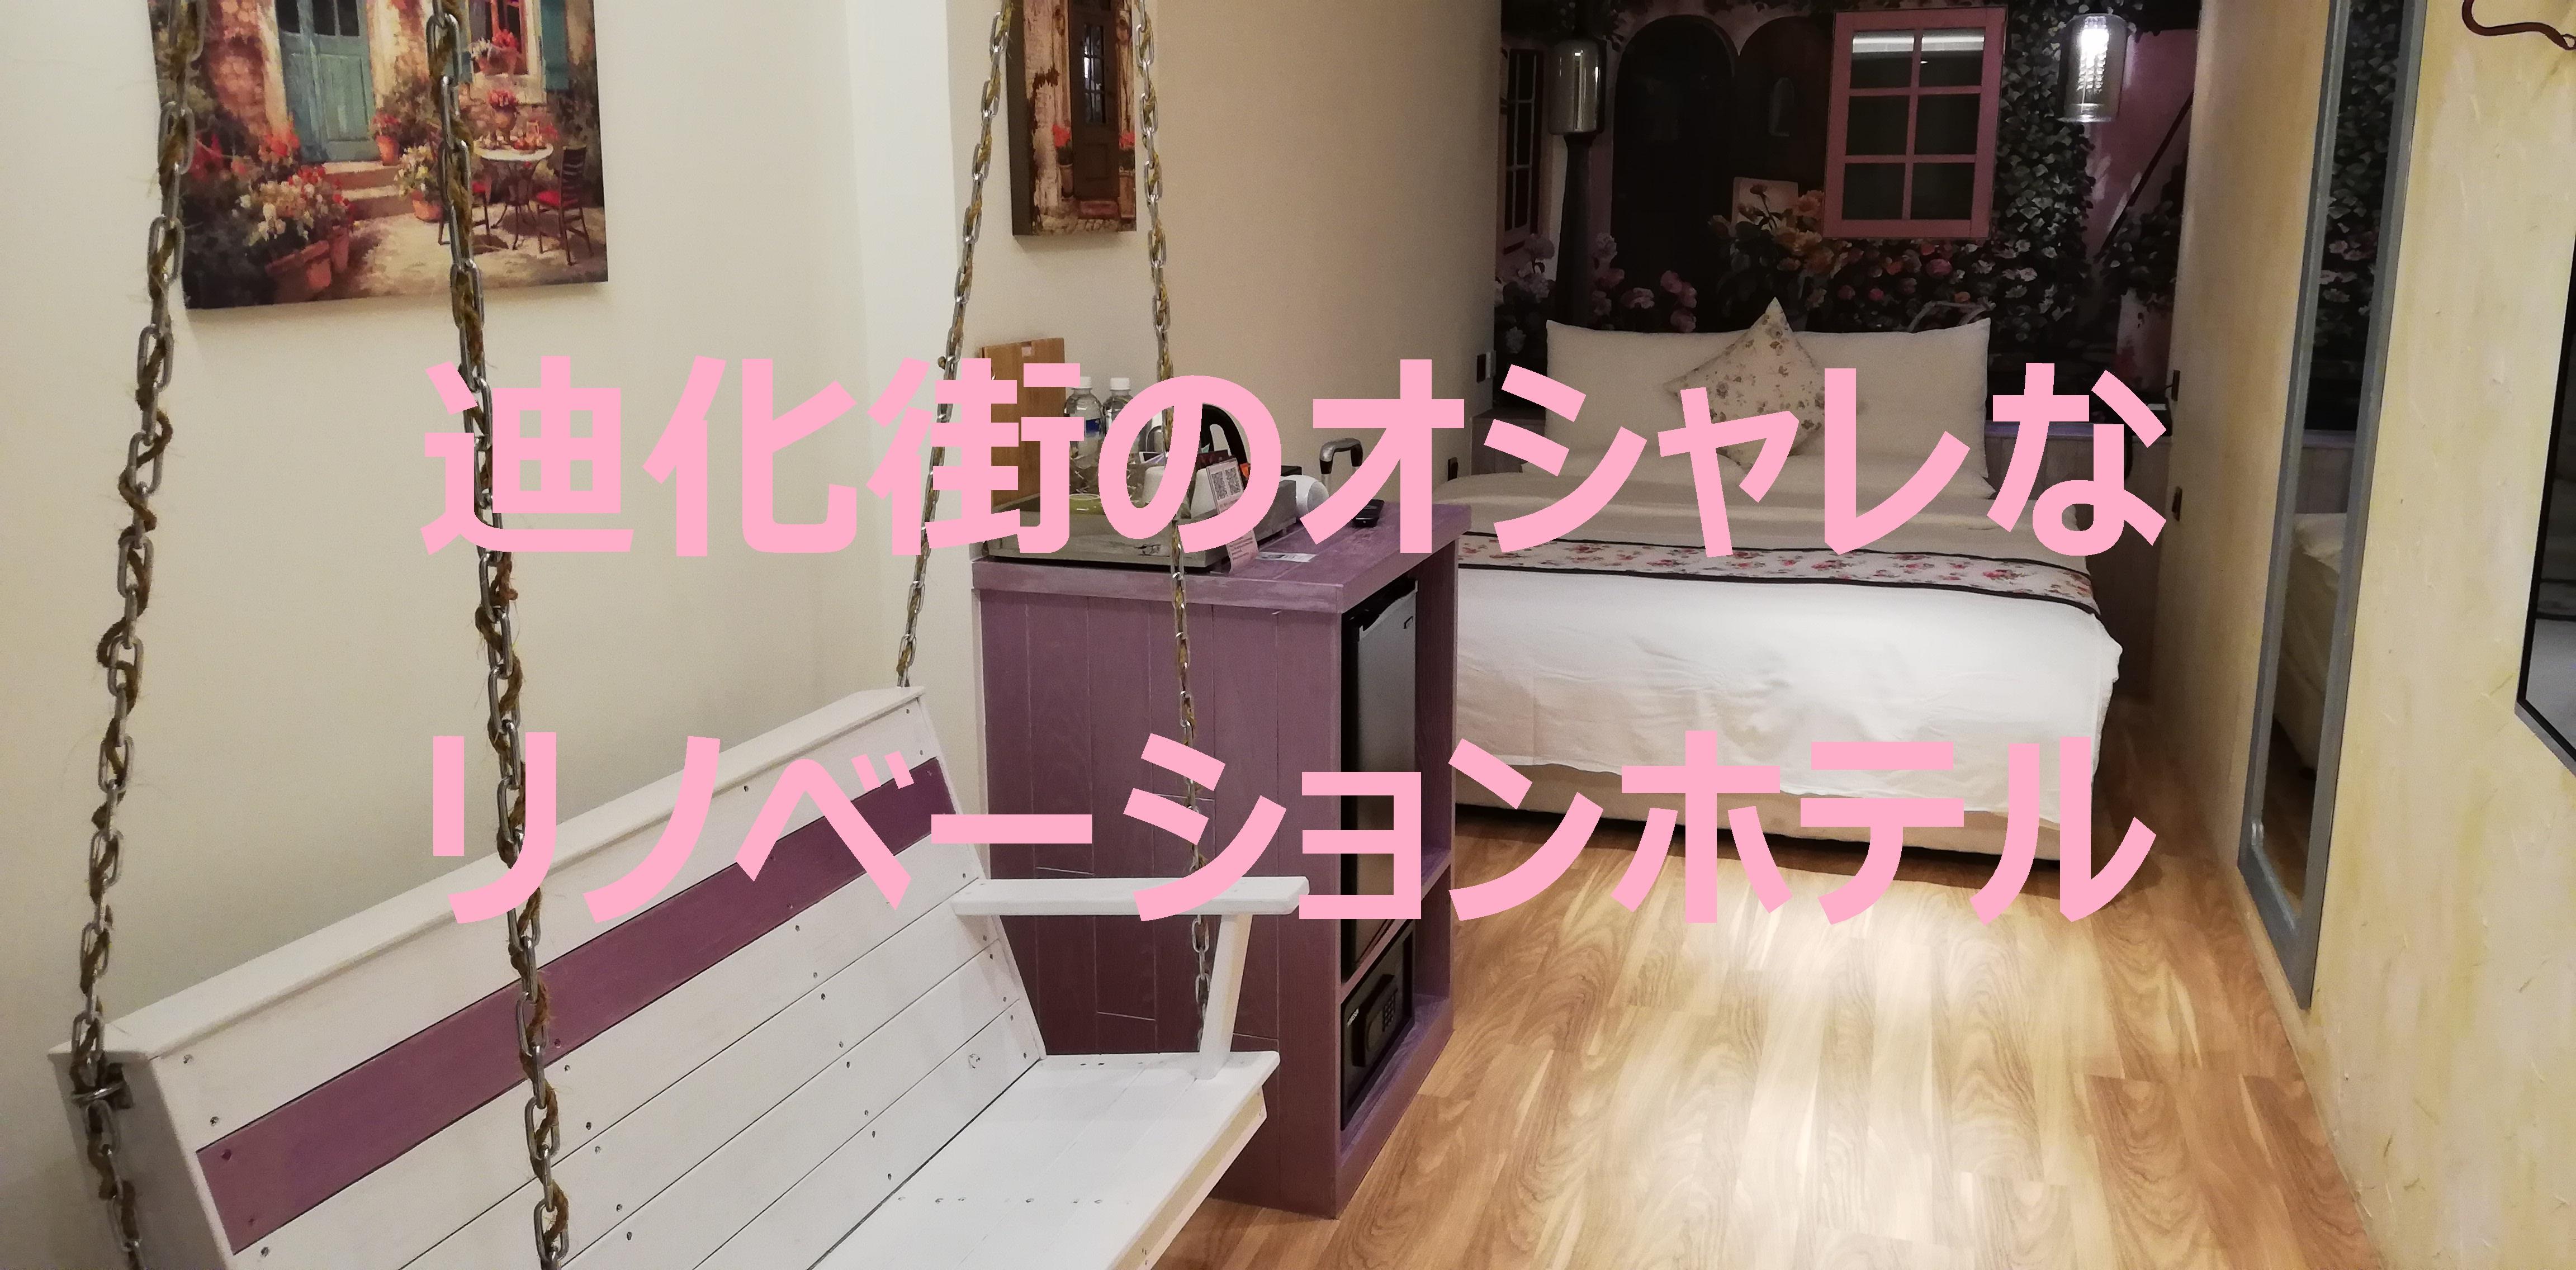 迪化街のリノベホテル紹介記事のアイキャッチ画像